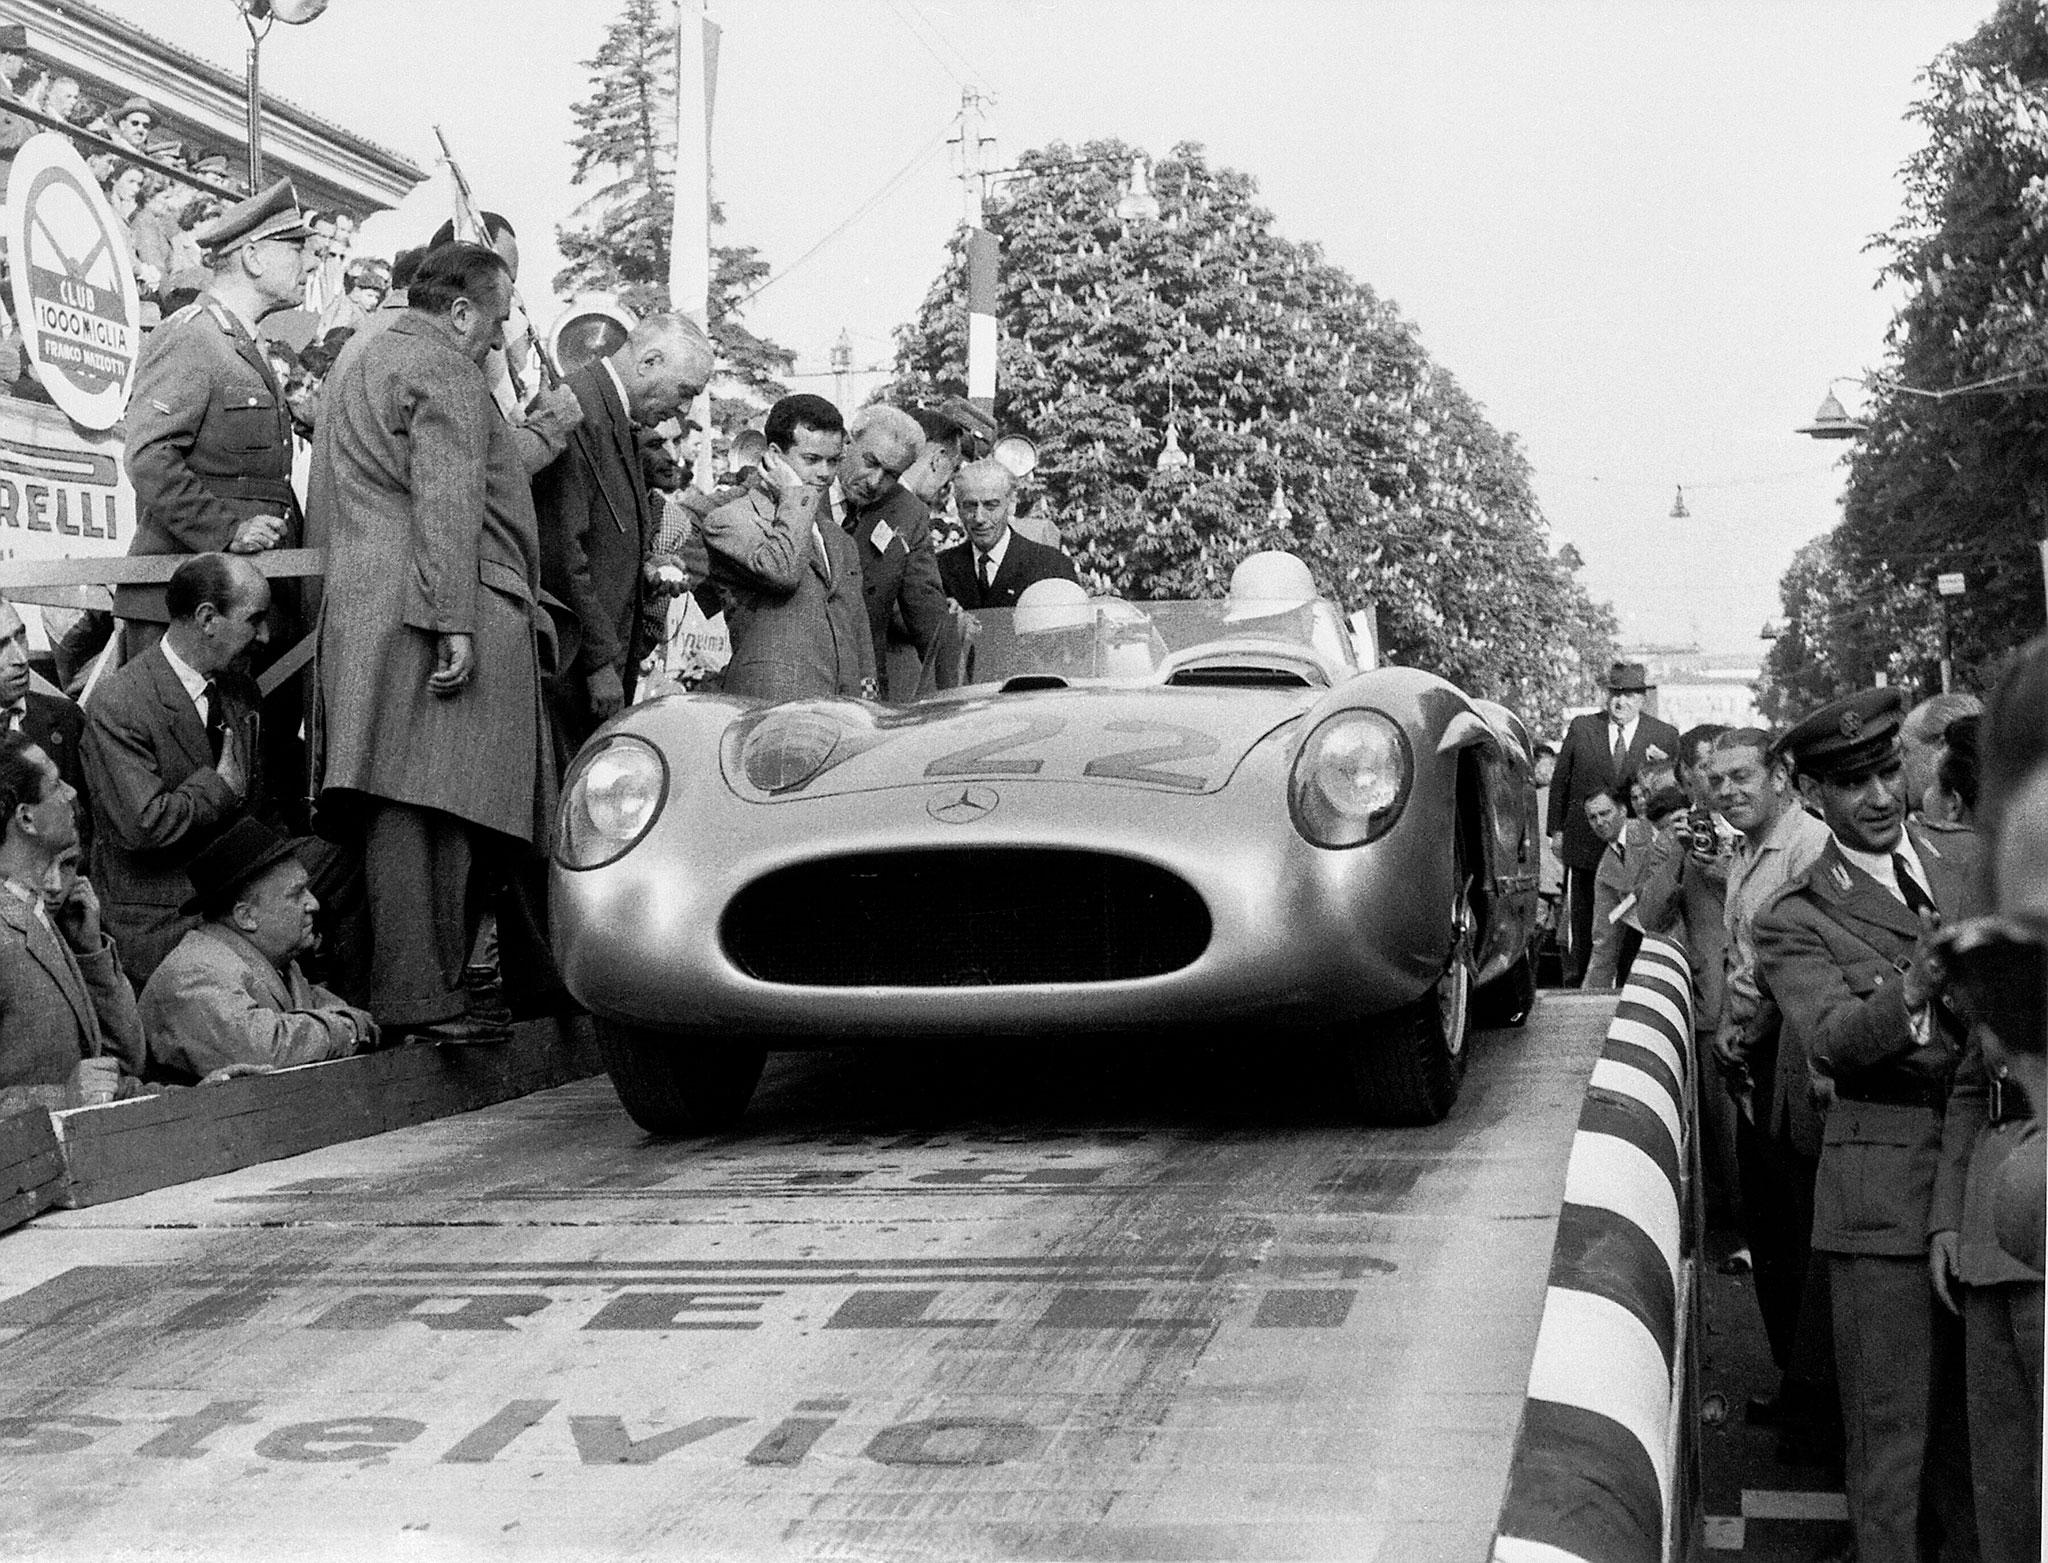 Sir Stirling Moss et Denis Jenkinson, mai 1955, au Mille Miglia avec la 300 SLR 722.